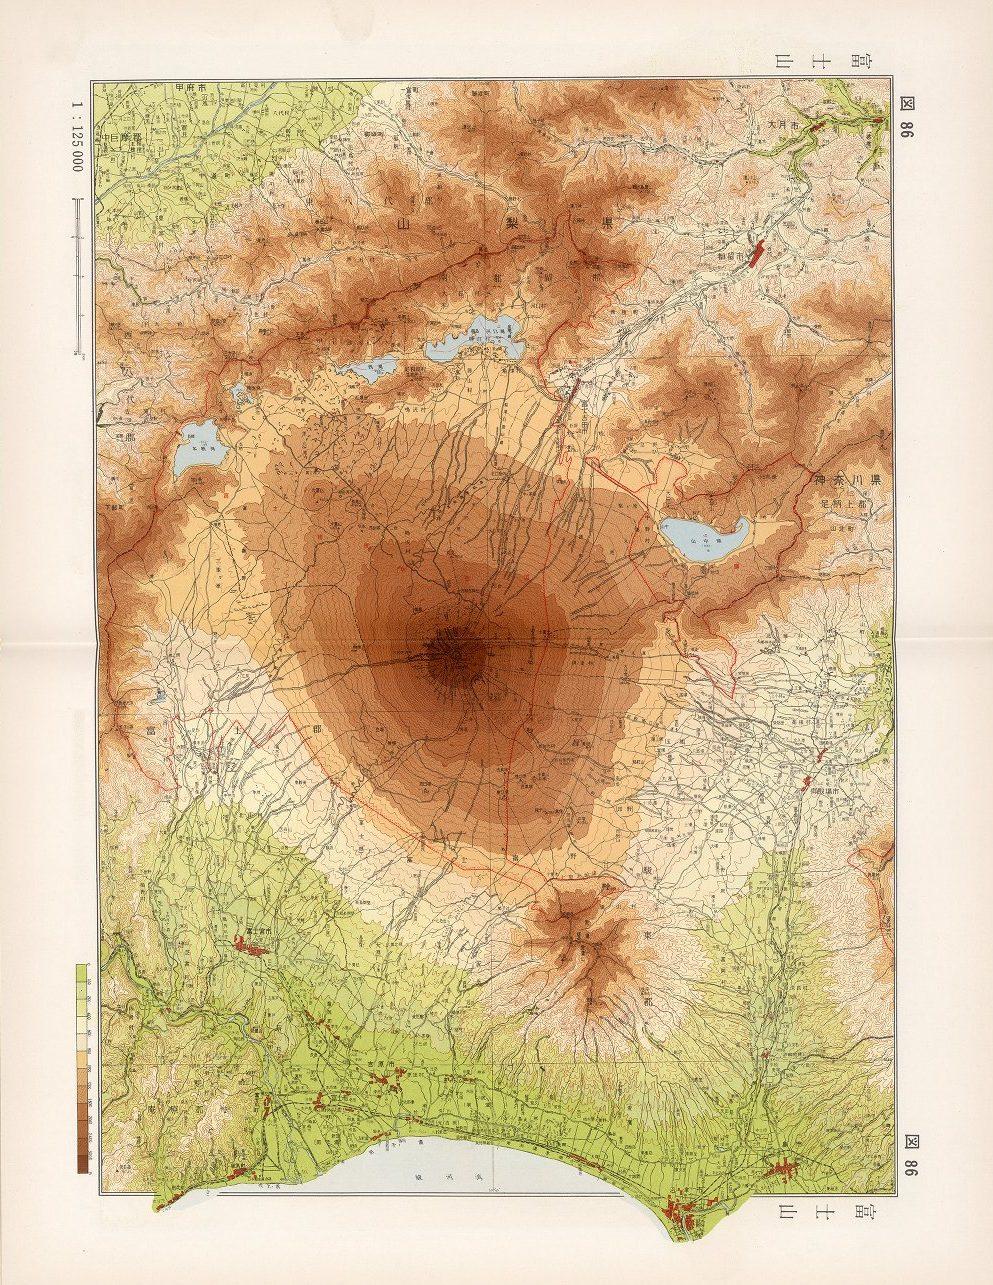 86. Mount Fuji, Tha Atlas of Japan Map